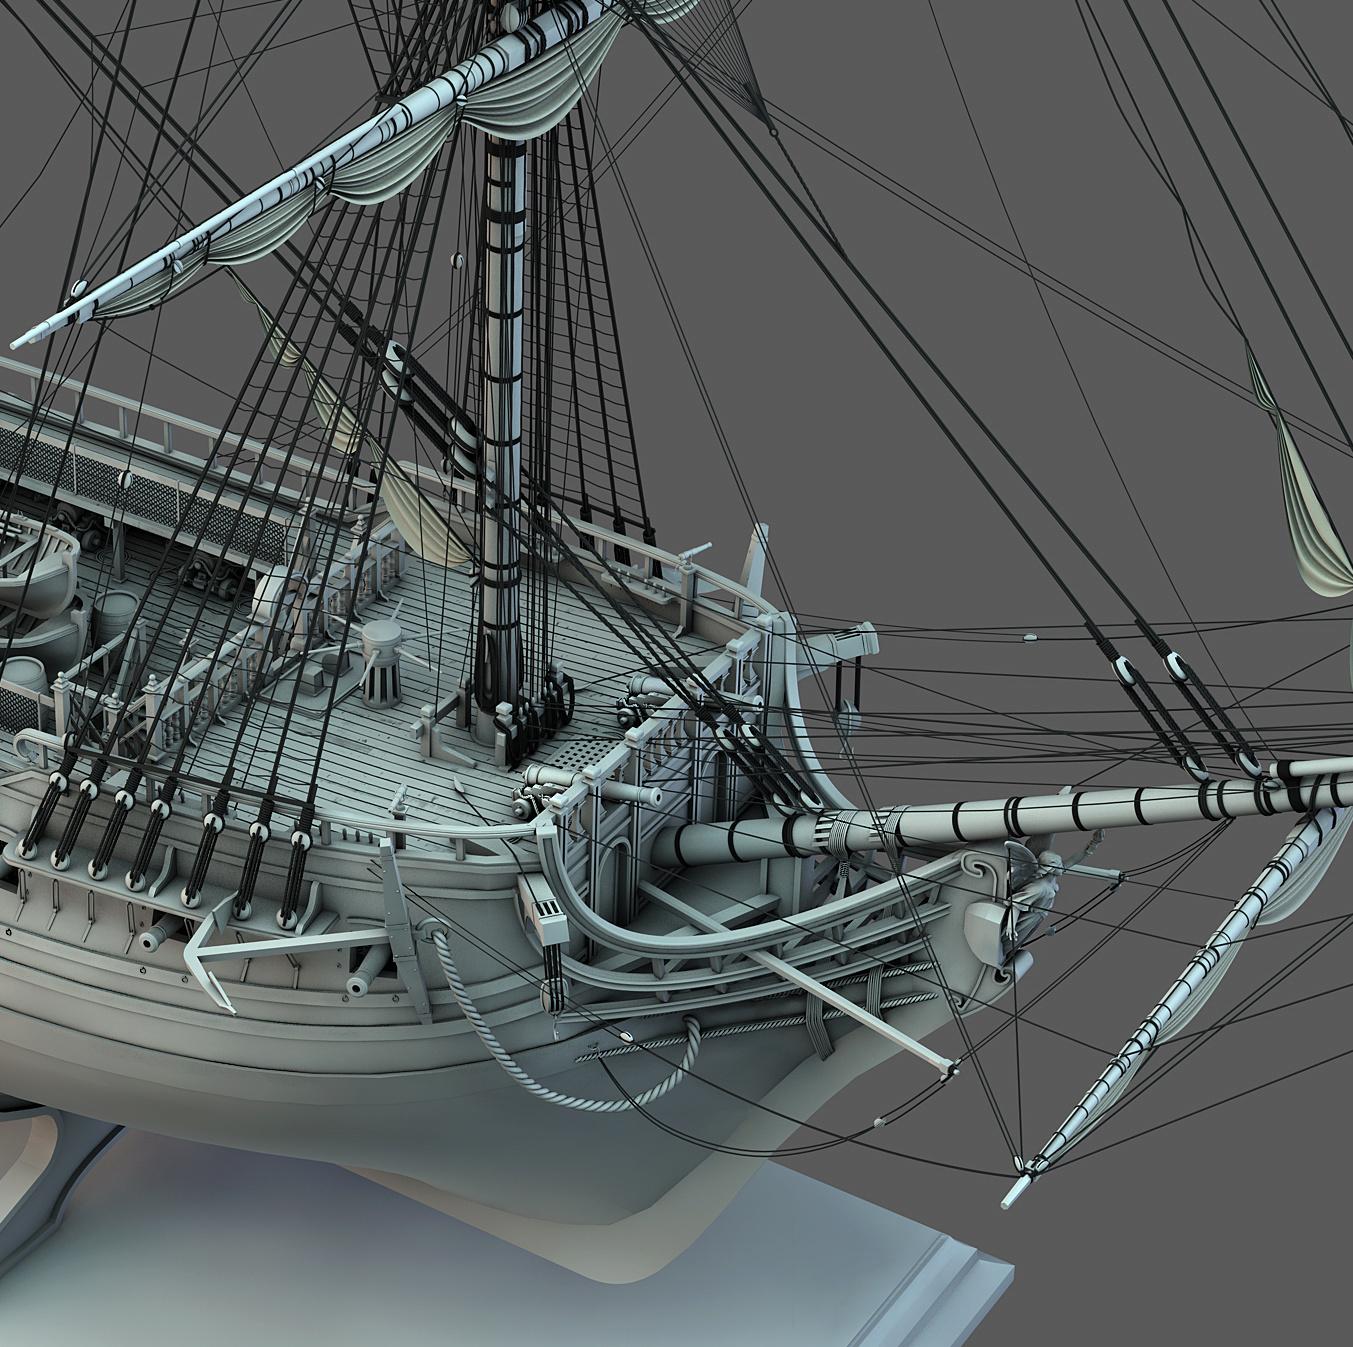 Frégate m'a première réalisation d'un navire en 3D. - Page 10 Frzoga32